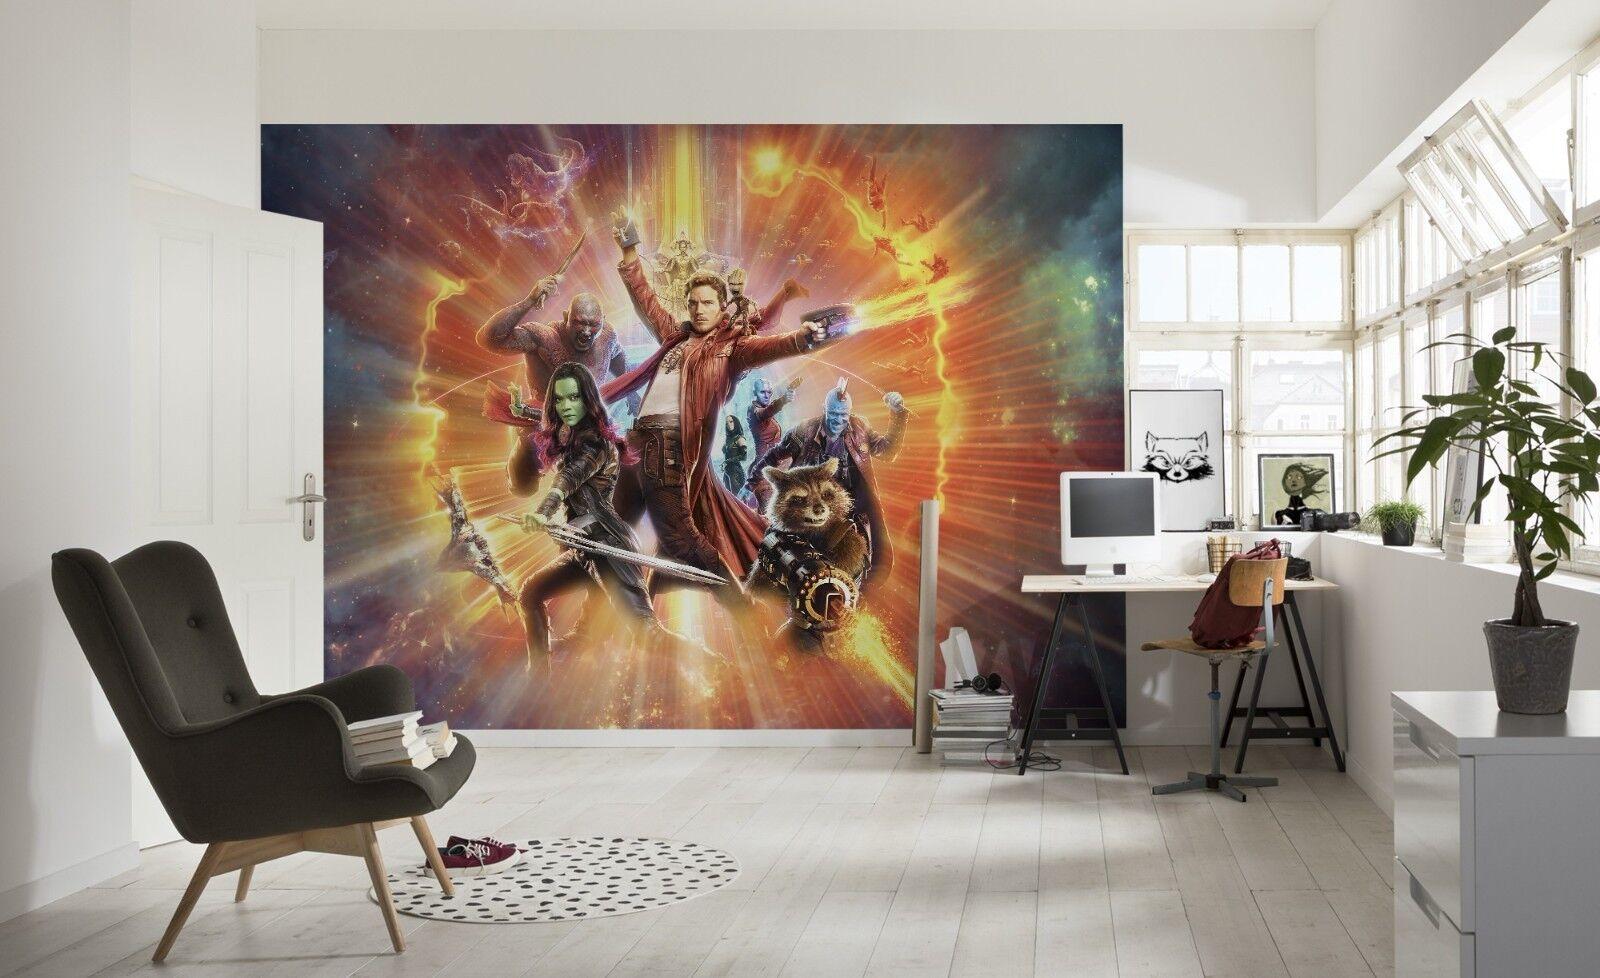 Fondo de pantalla para la la habitación de niño guardianes de la la galaxia Mural Marvel Rojo Naranja 175201